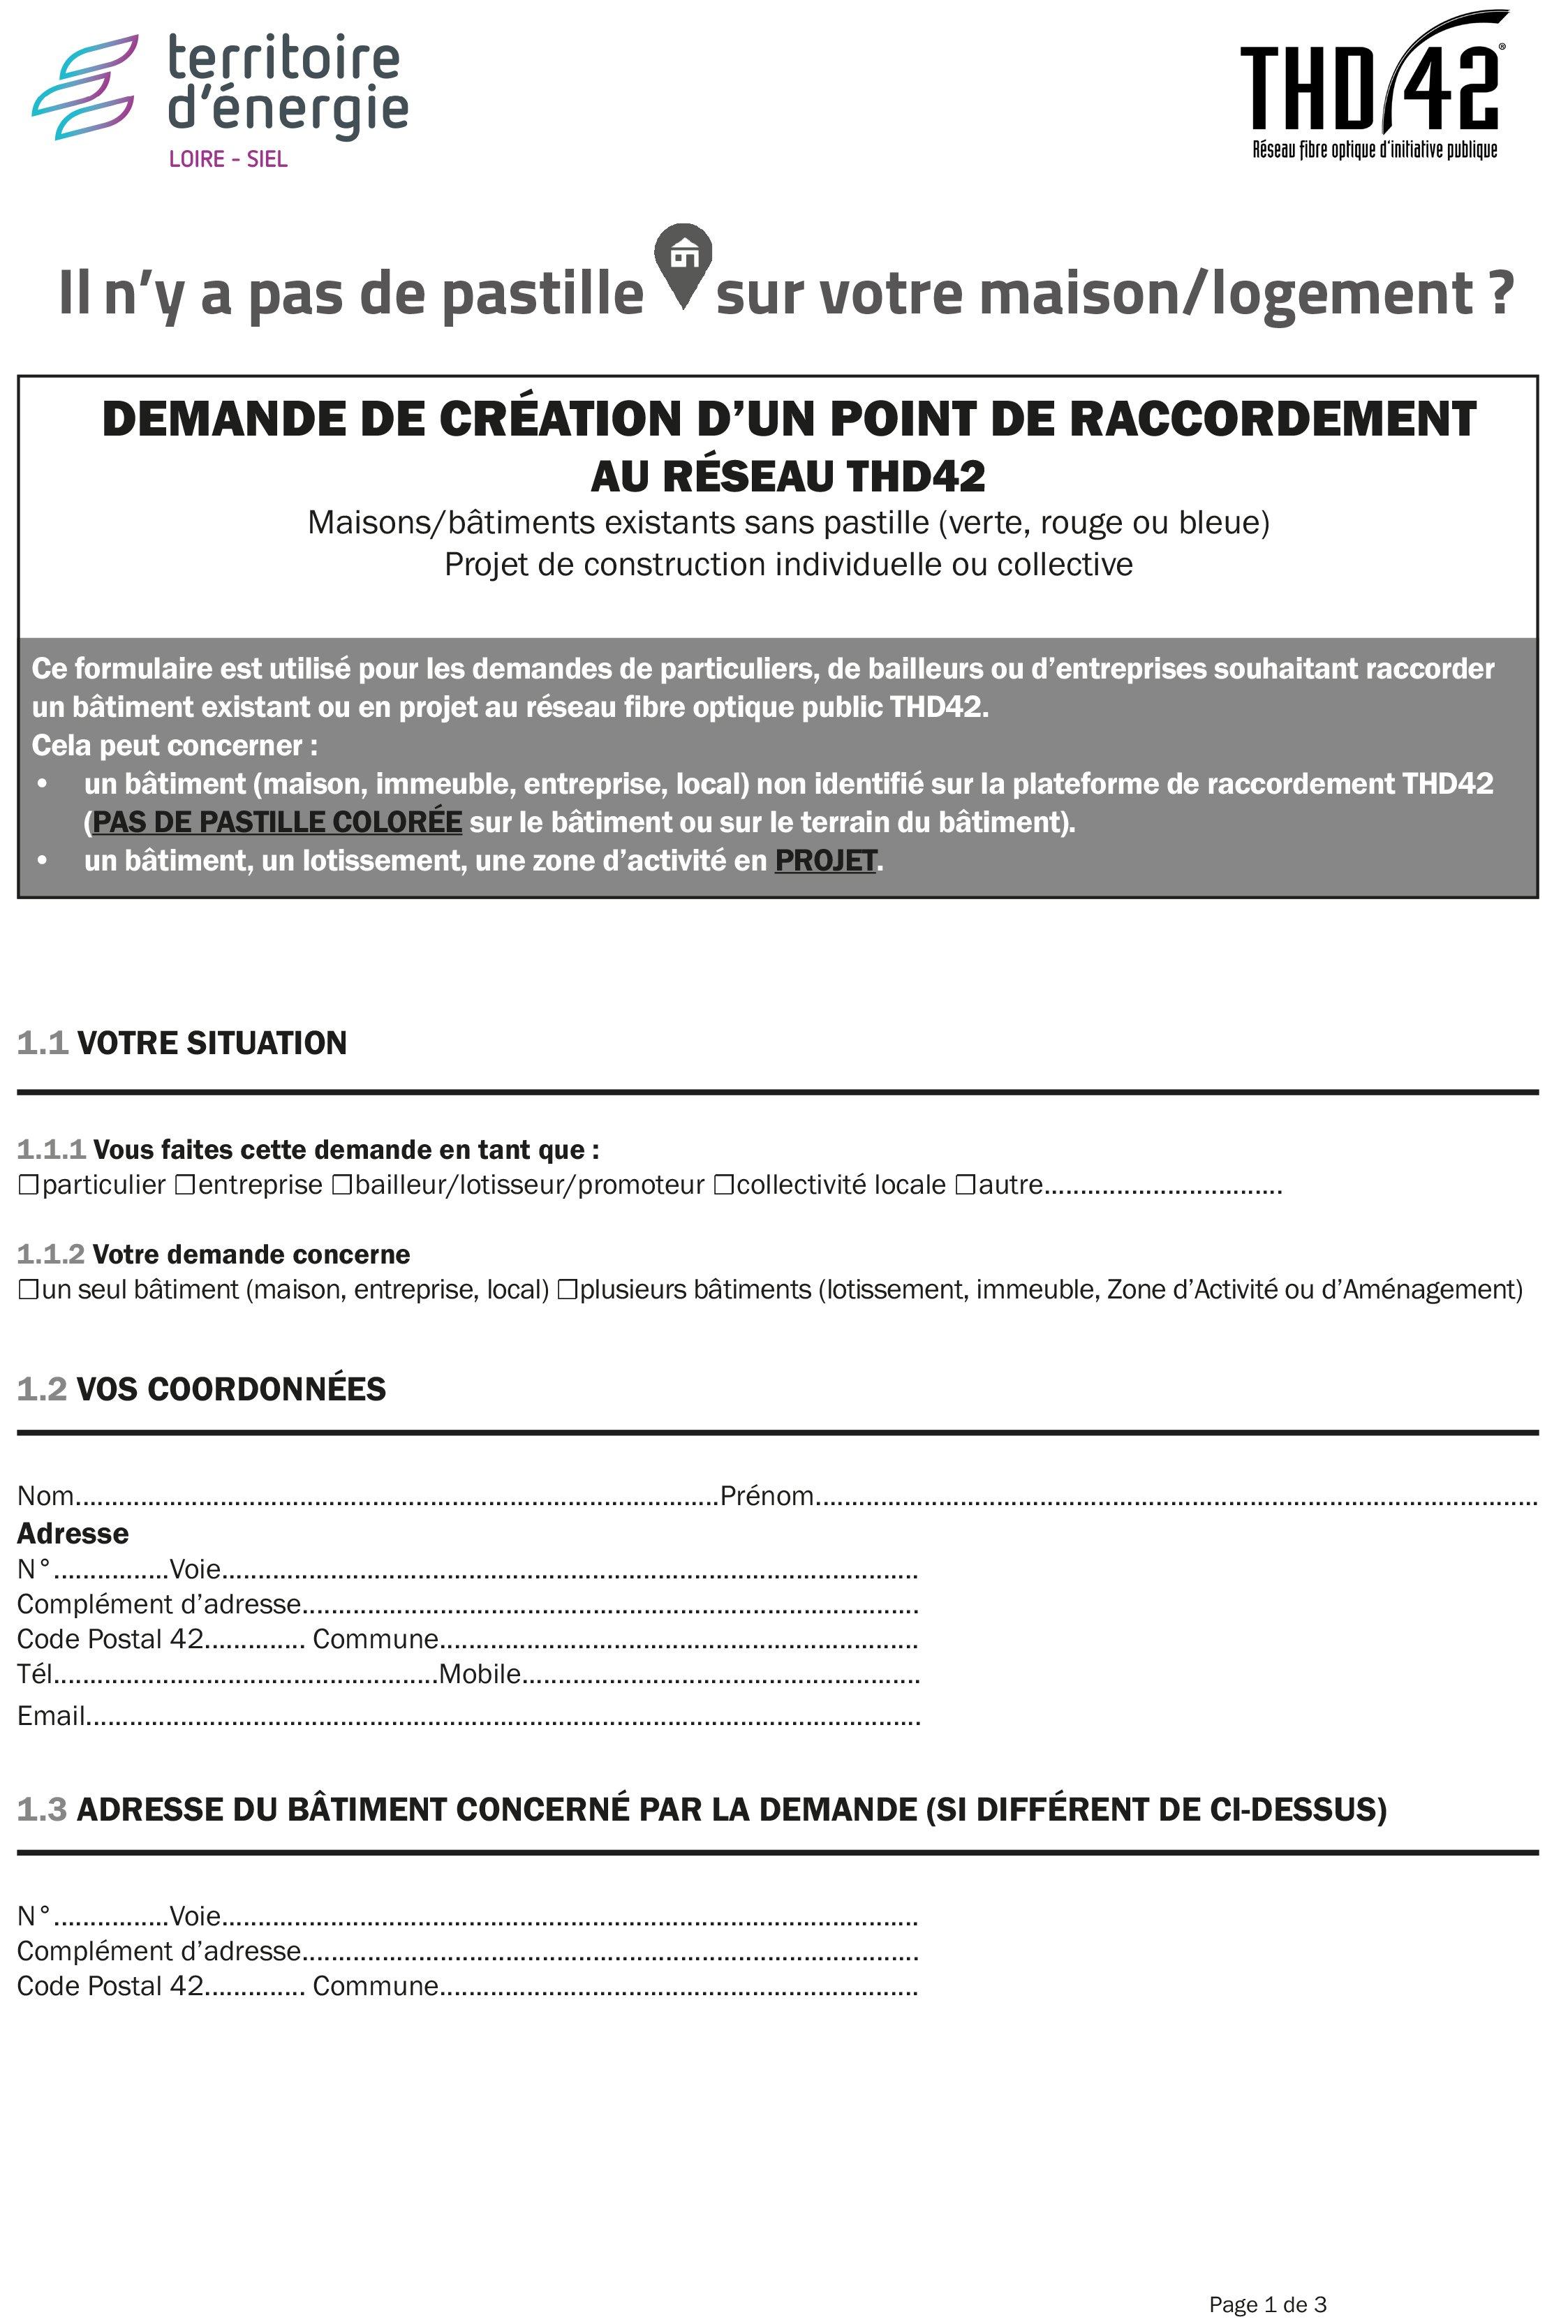 formulaire-creation-point-racco-siel-thd42_